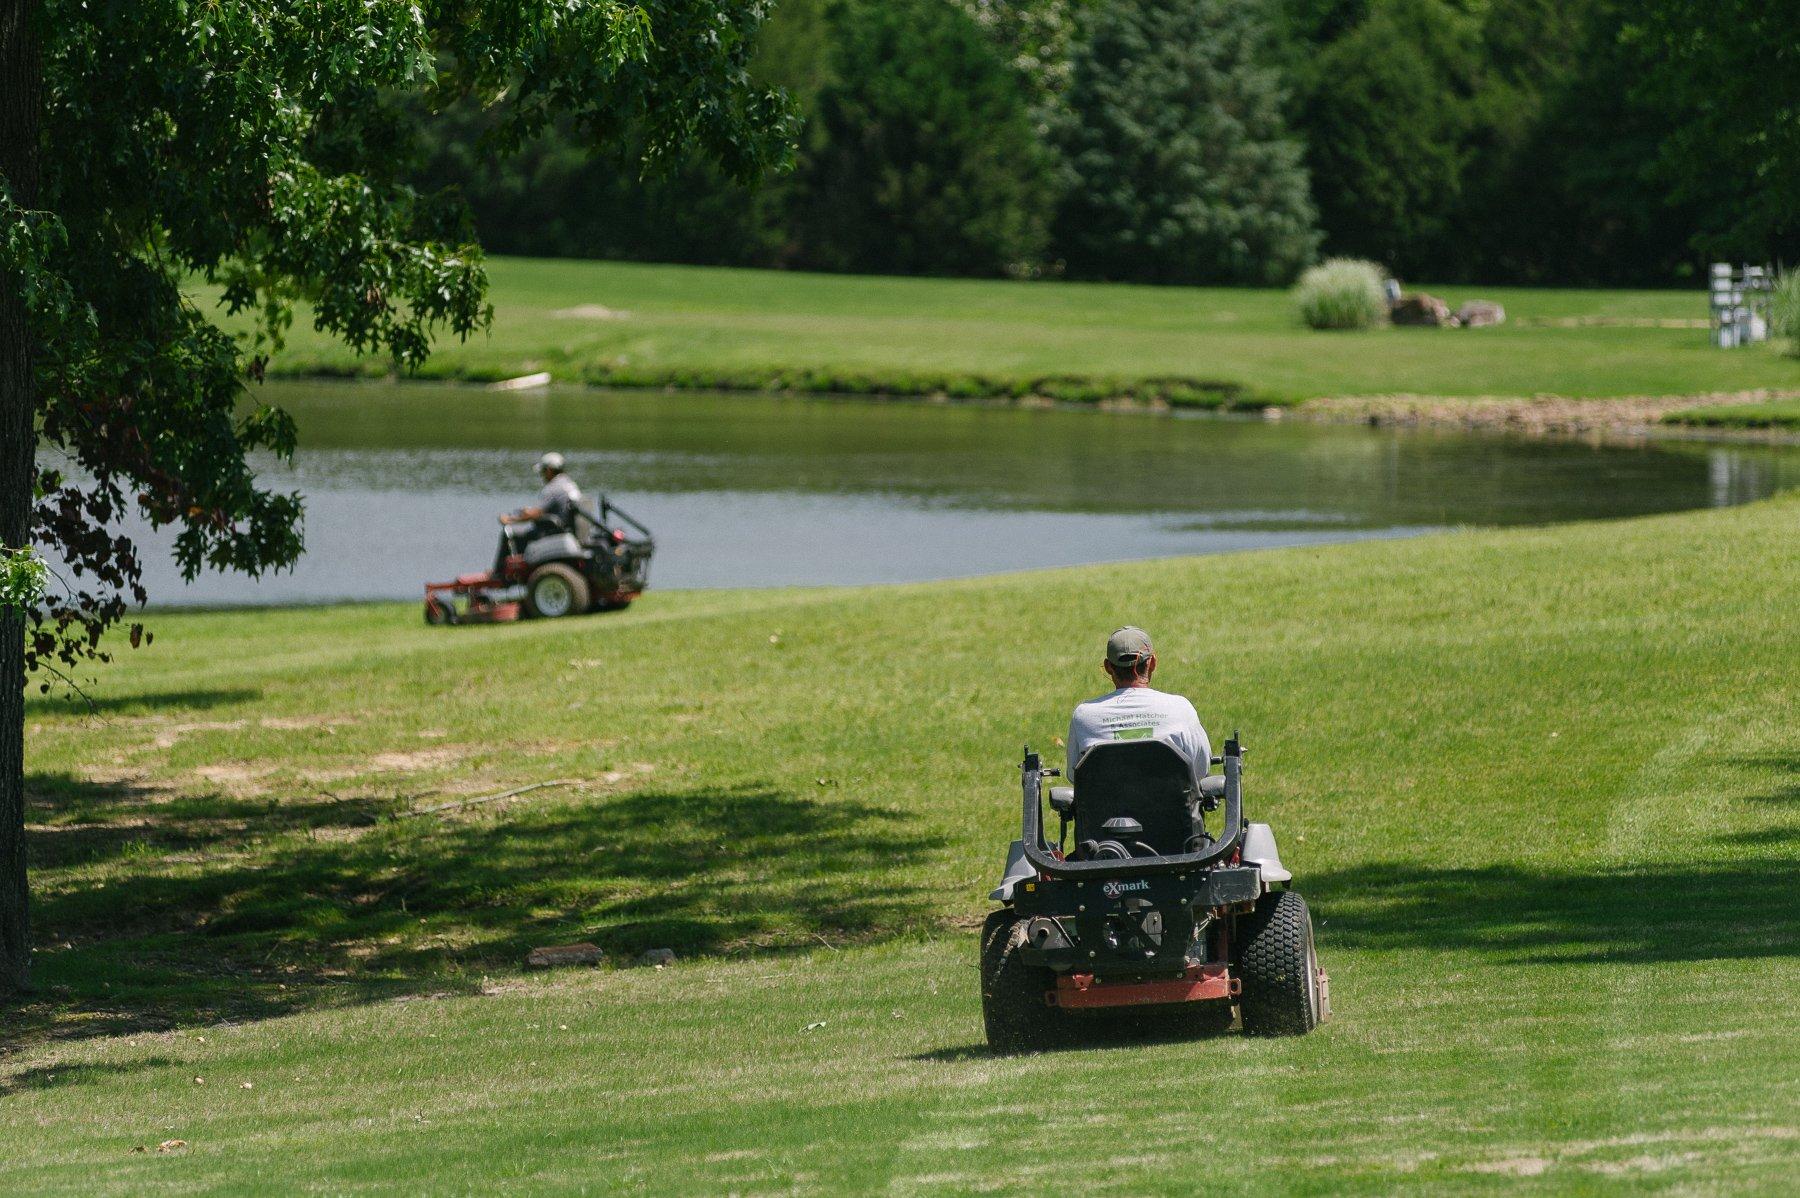 Commercial landscape mowing services